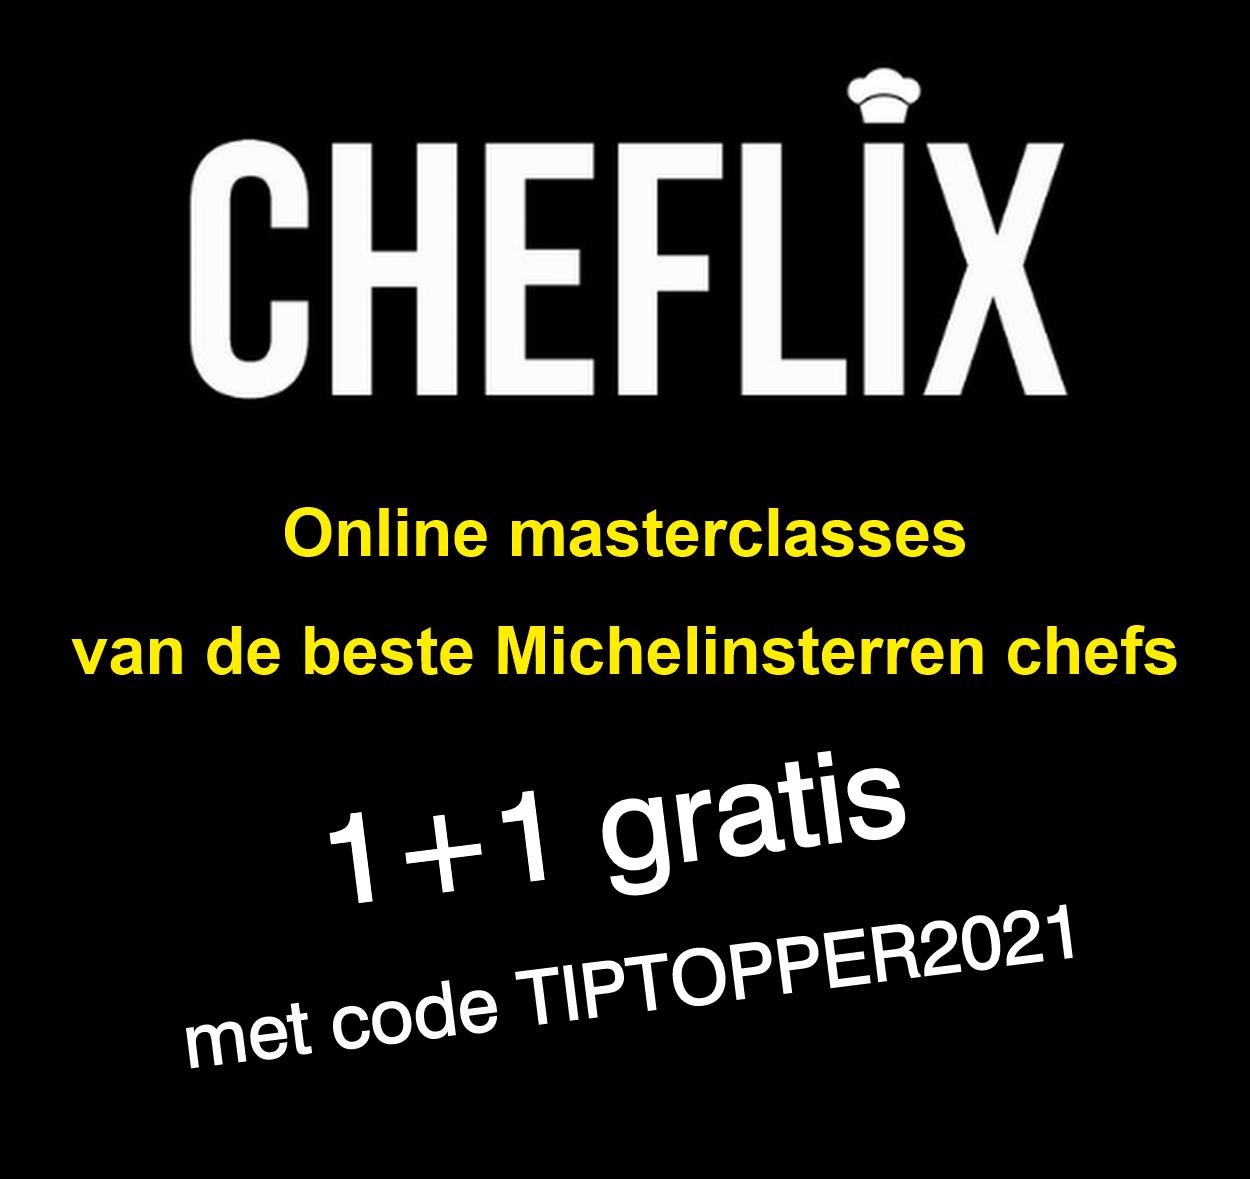 Cheflix